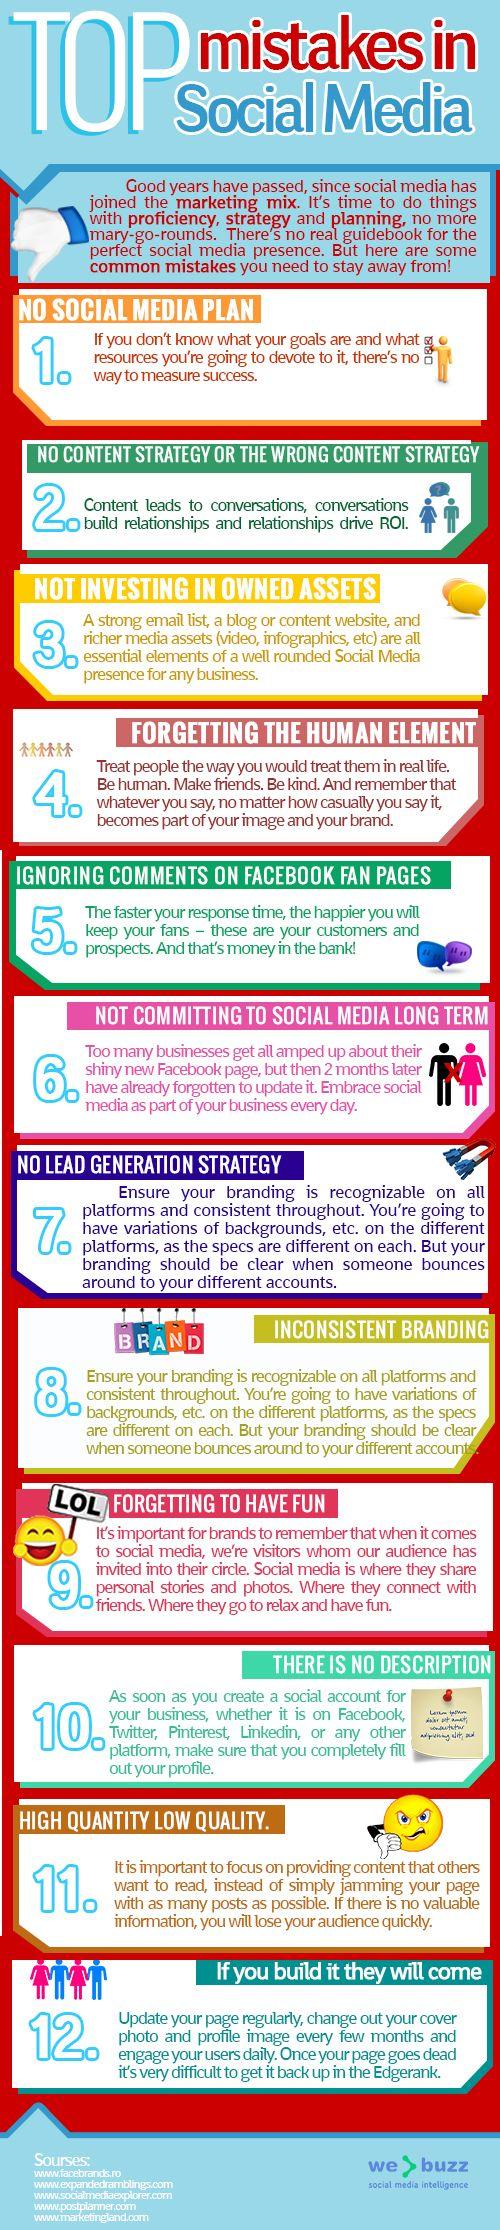 Topul celor mai des intalnite greseli in social media, intr-un infographic #WeBuzz